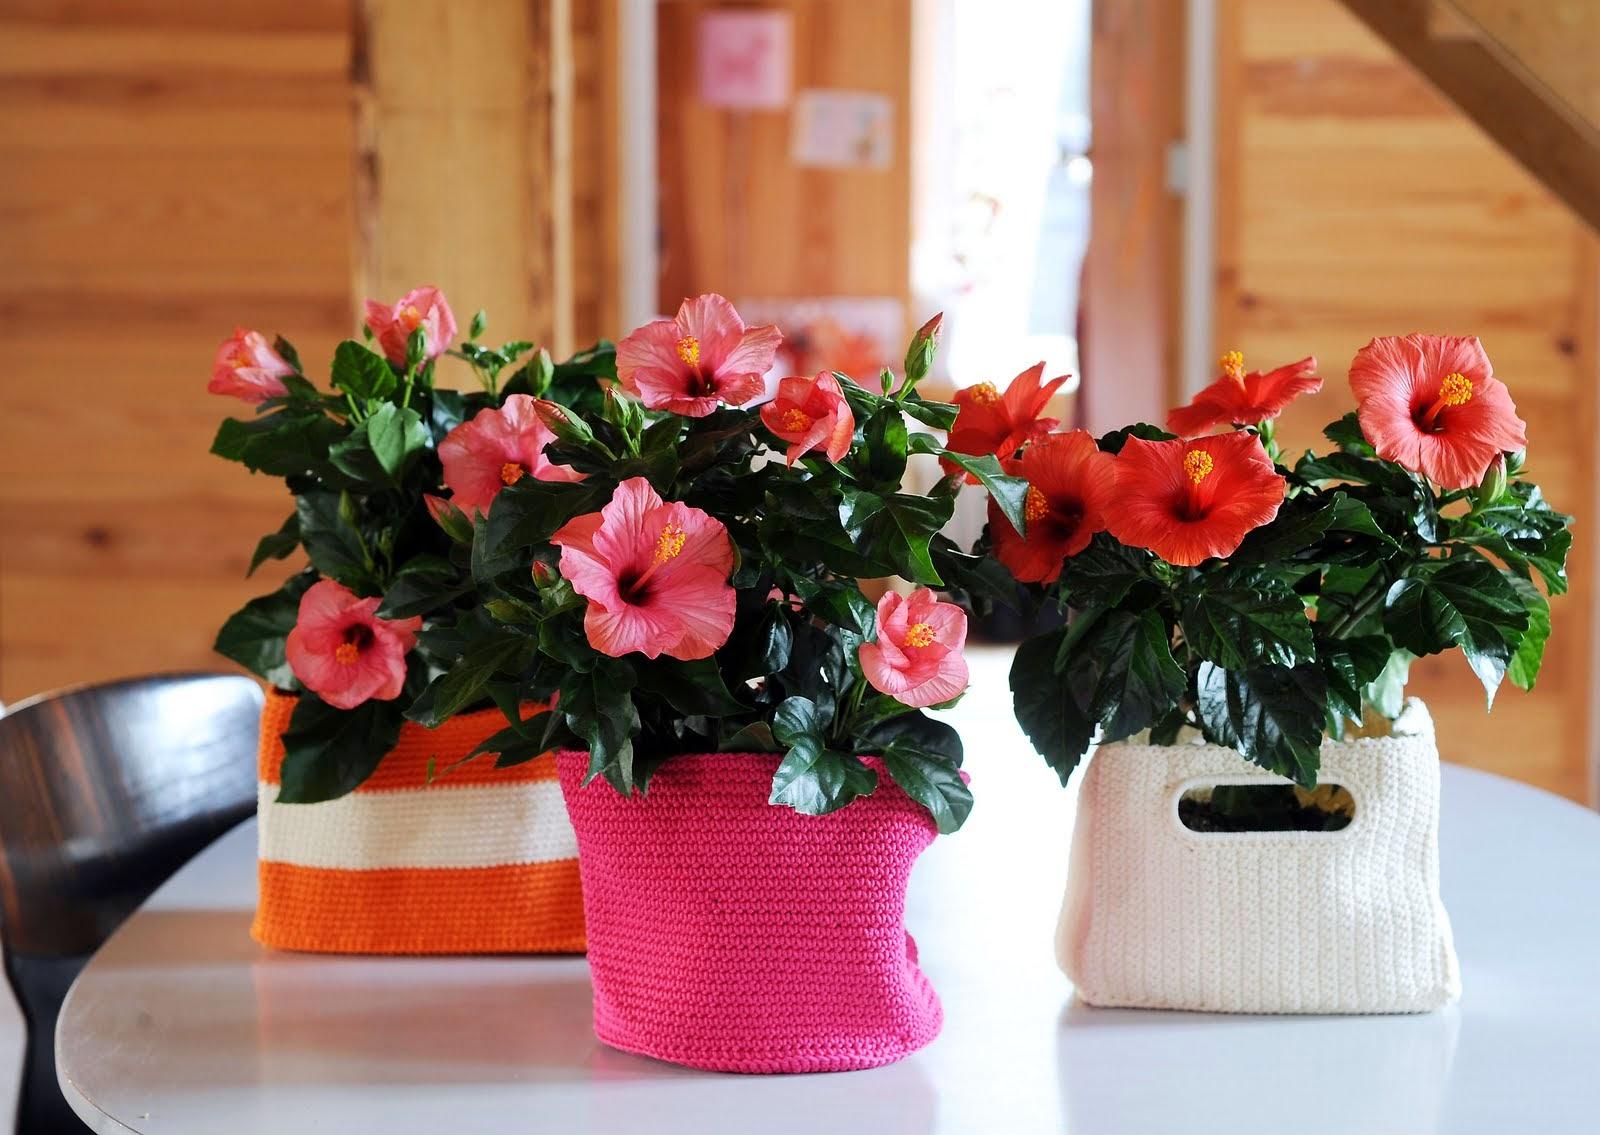 Неживые цветы в доме и приметы о них